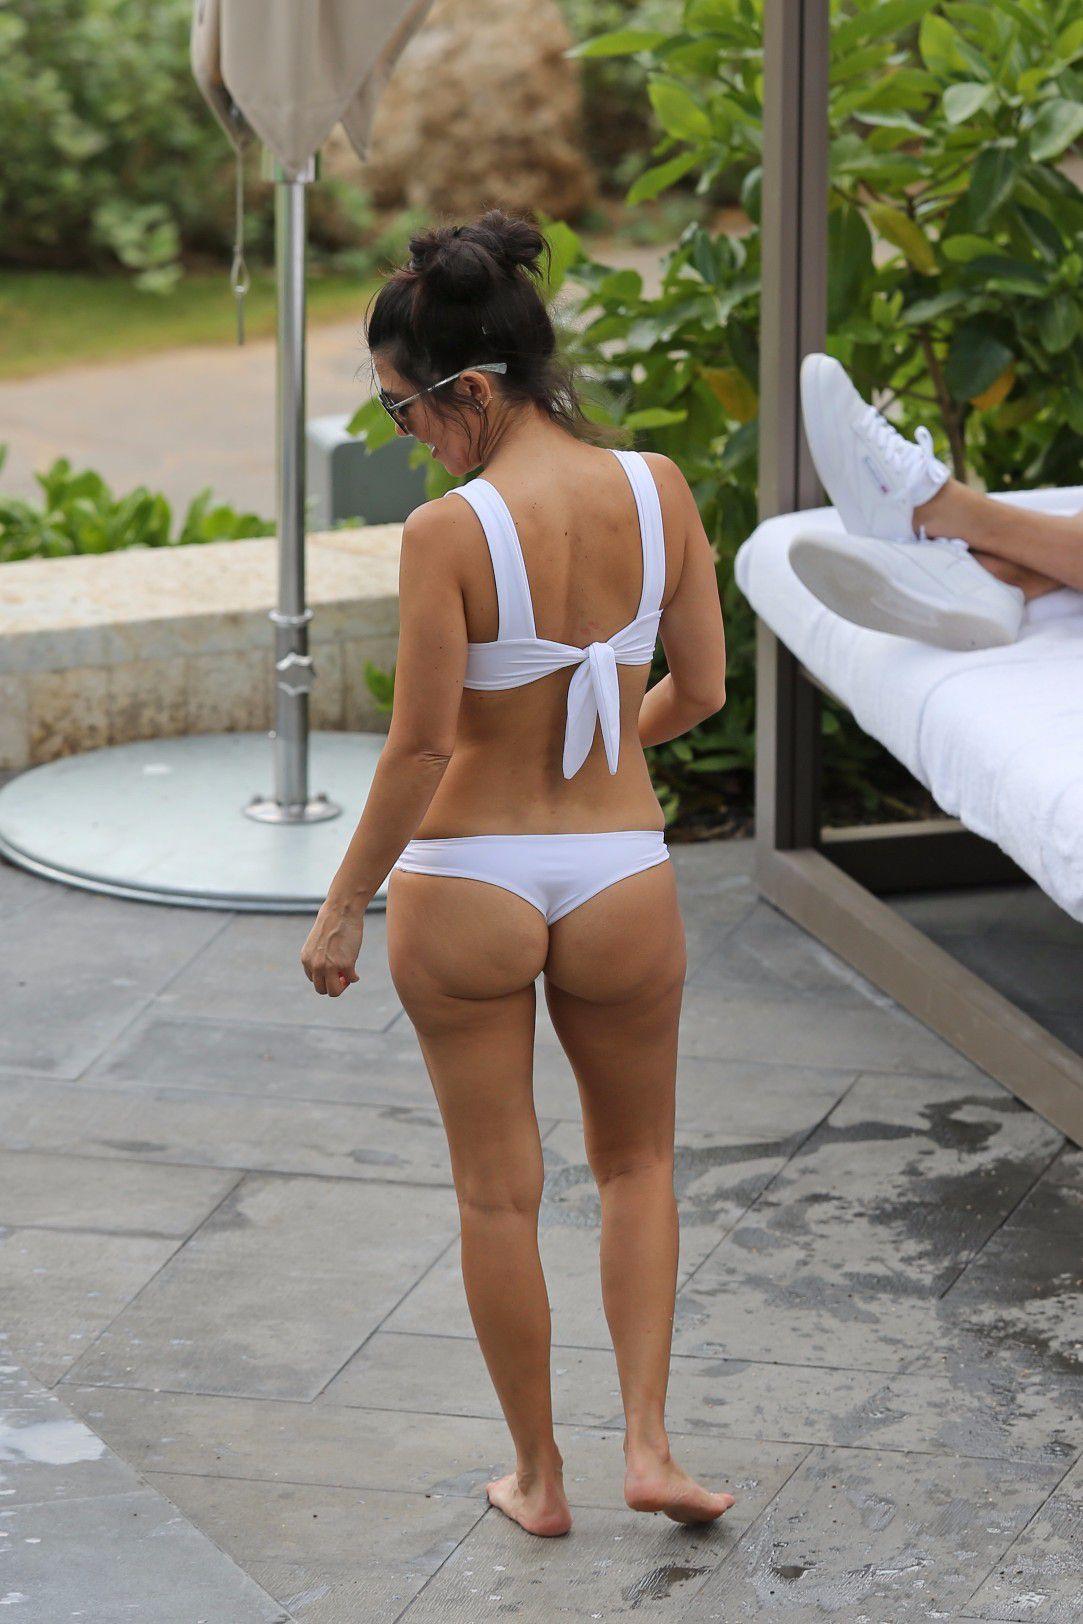 Wearing Thong Bikini